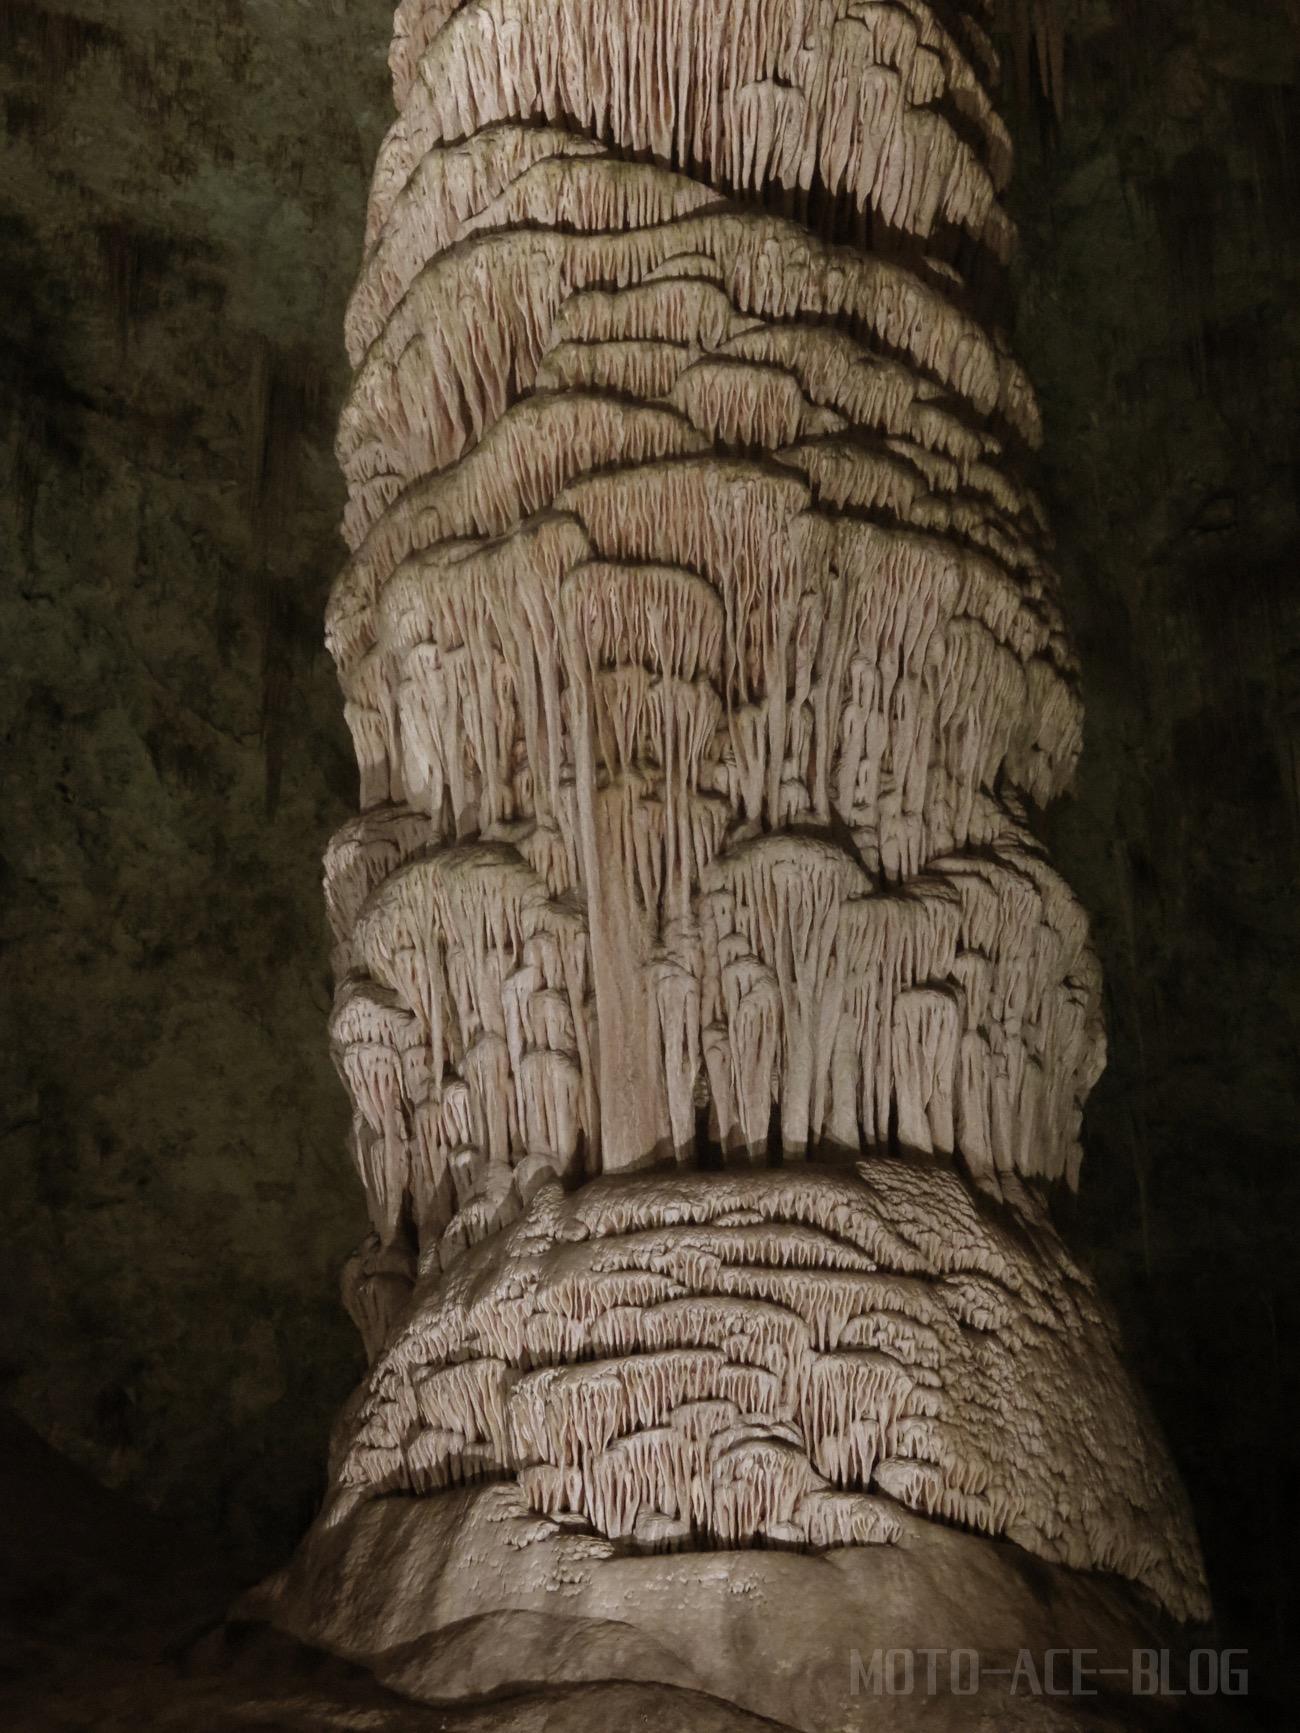 カールズバッド洞窟群の鍾乳石